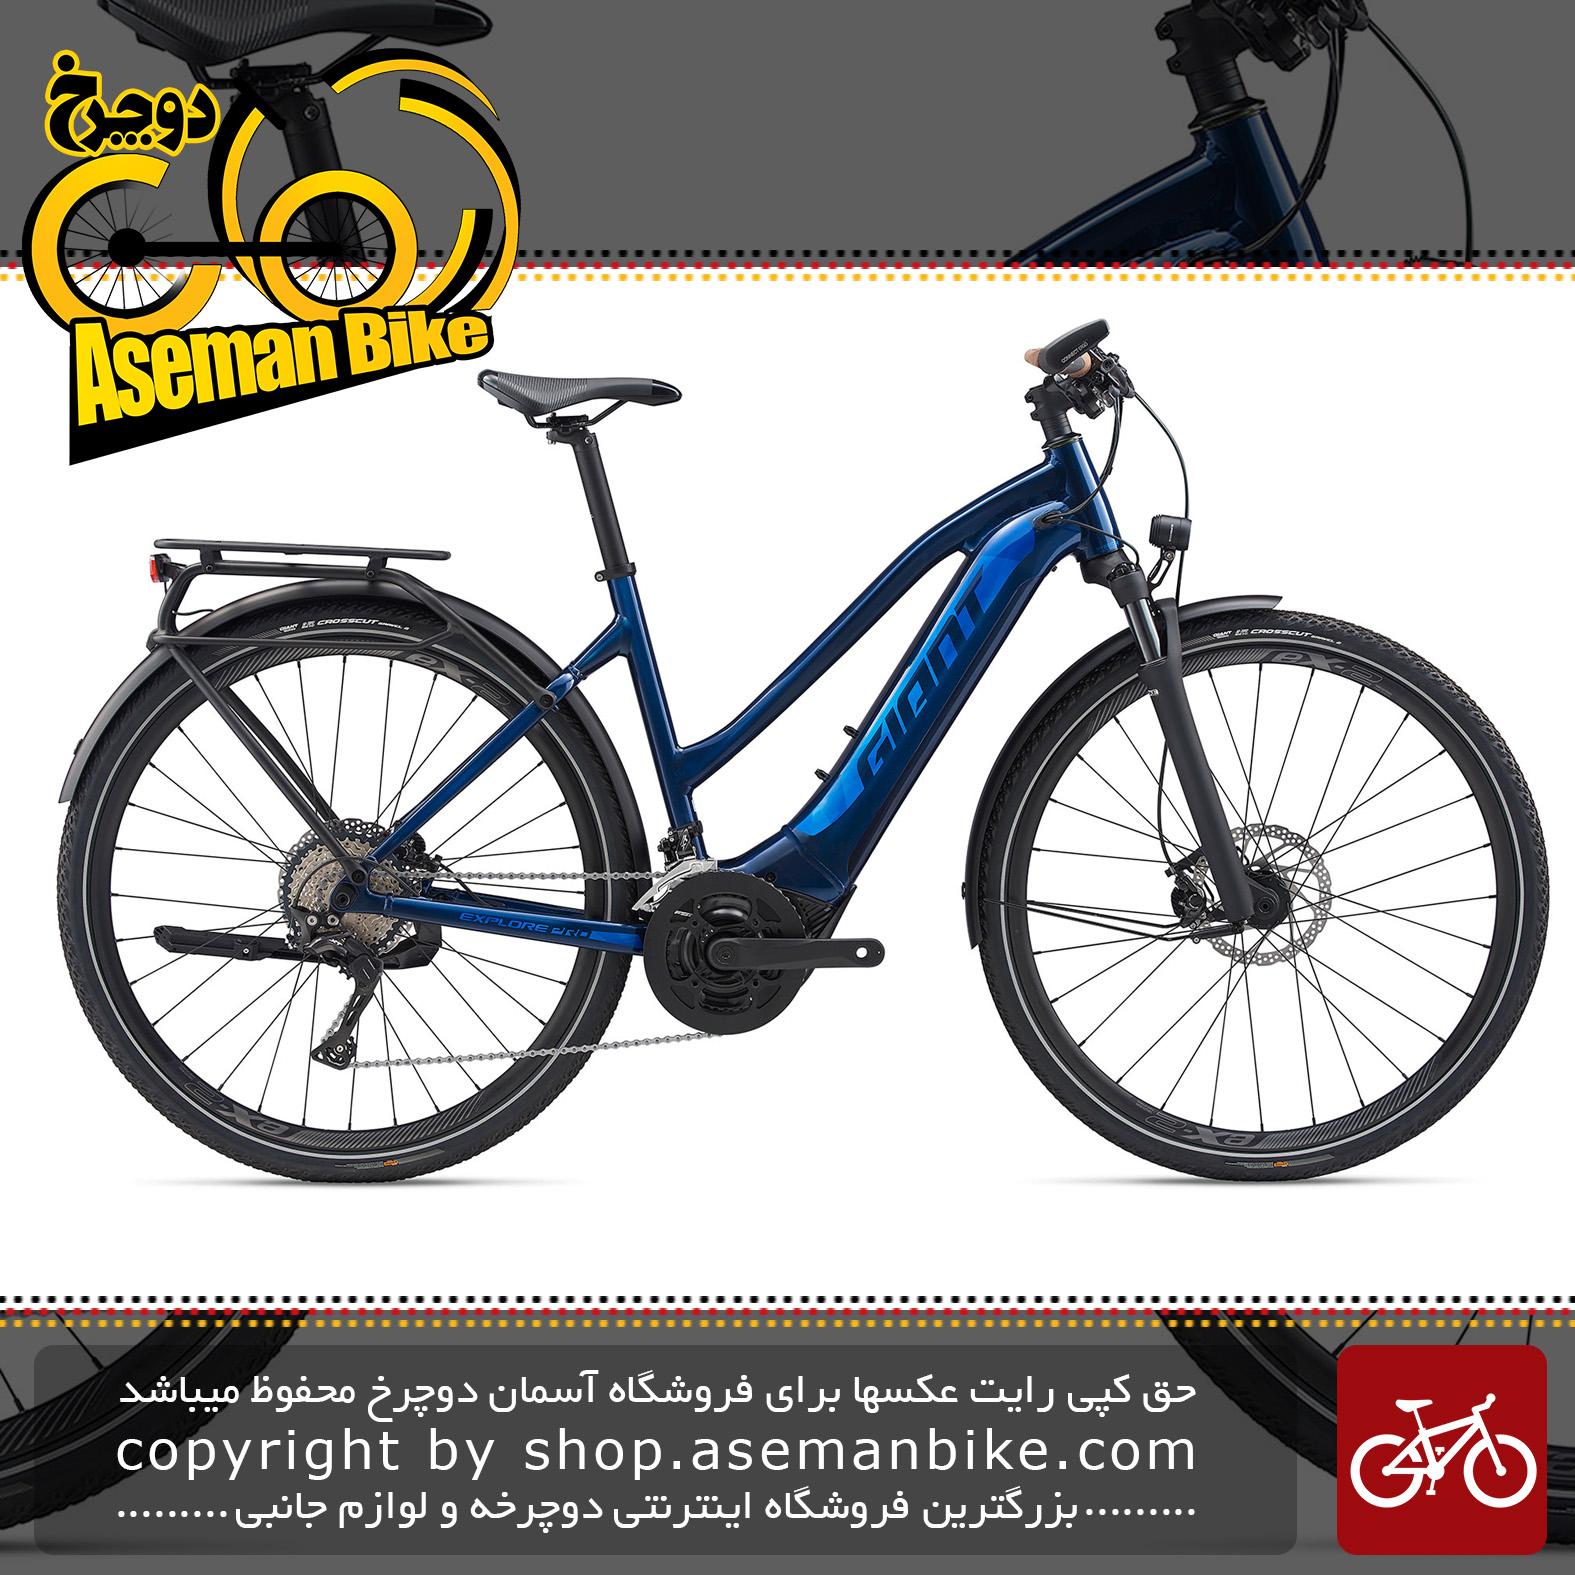 دوچرخه دومنظوره برقی جاینت مدل اکسپلور ای پلاس 0 اس تی ای 2020 Giant Trekking Bicycle Explore E+ 0 Pro STA 2020